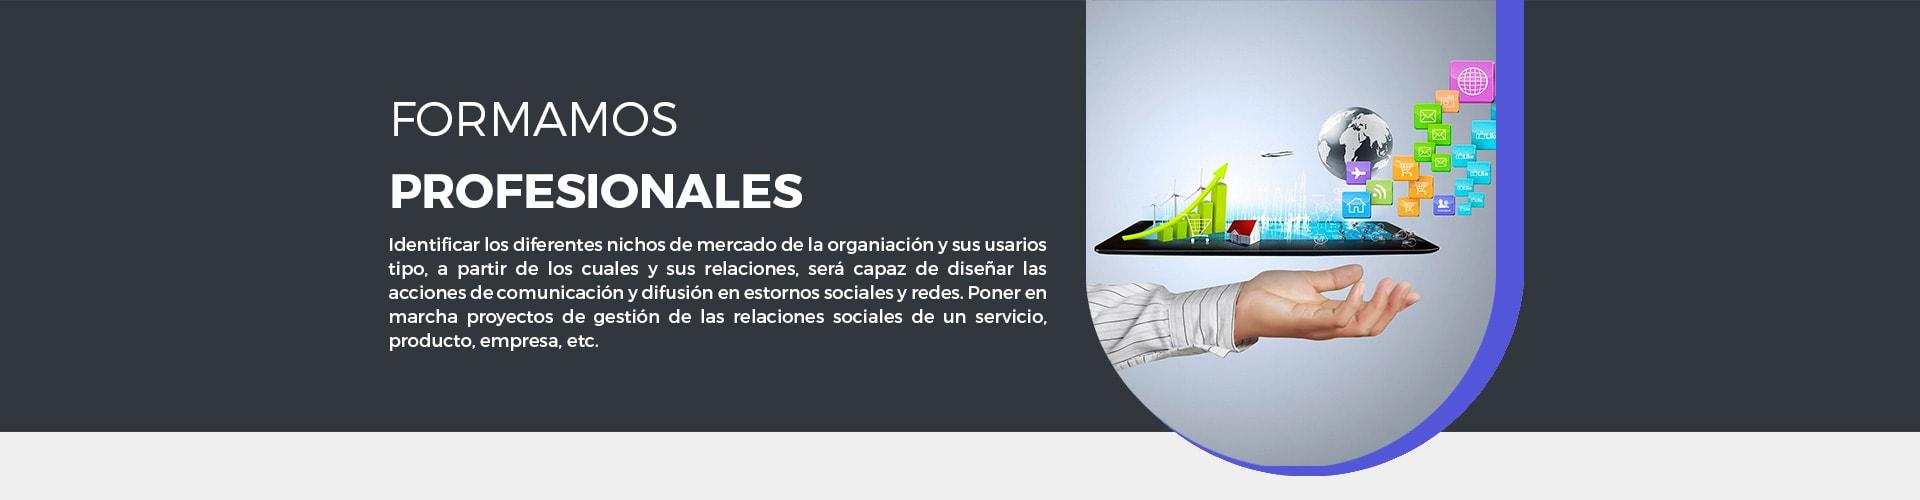 El Master Social Media para Community Managers te ayudará a identificar los nichos de mercaros de la organización y sus usuarios tipo, a partid de los cuales y sus relaciones, será capaz de diseñar acciones de comunicación efectivas en entornos y redes sociales.